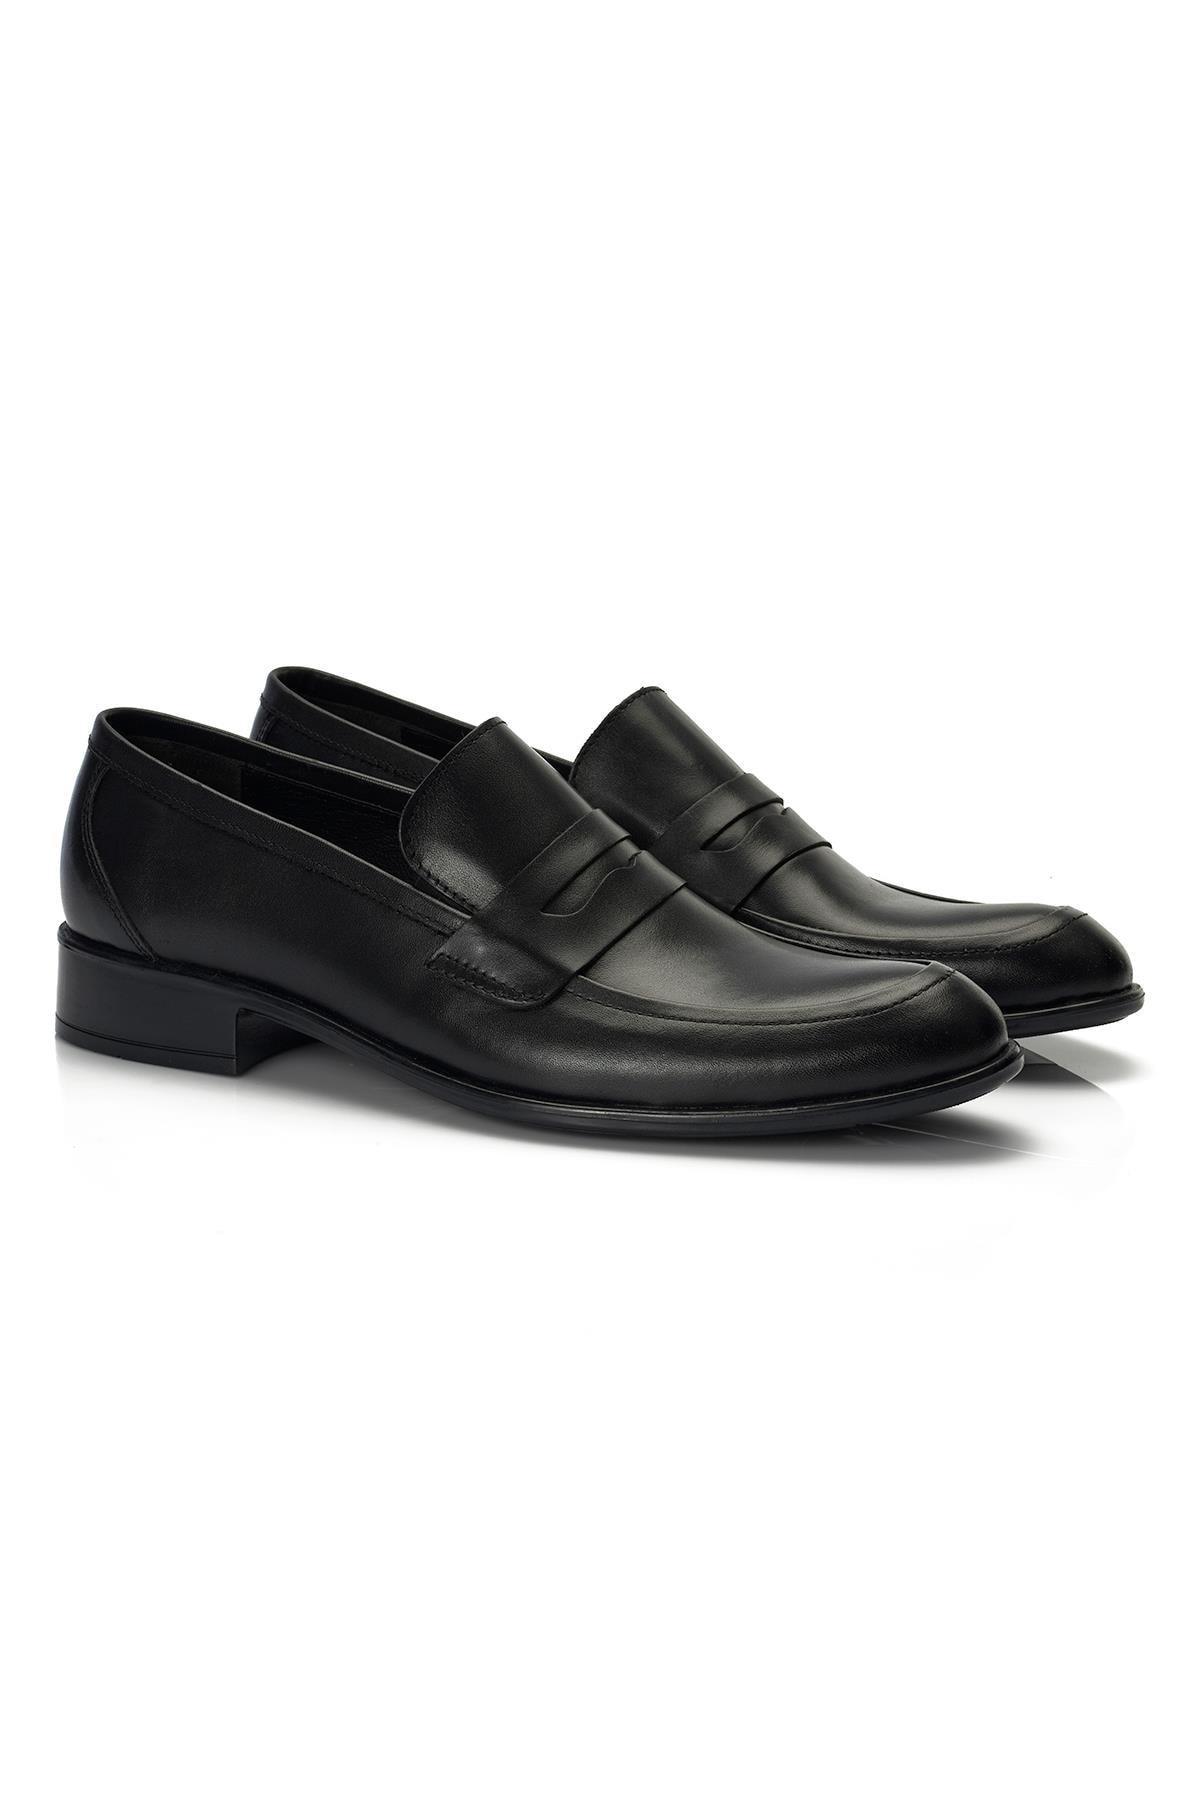 Muggo H040 Hakiki Deri Klasik Erkek Ayakkabı 1